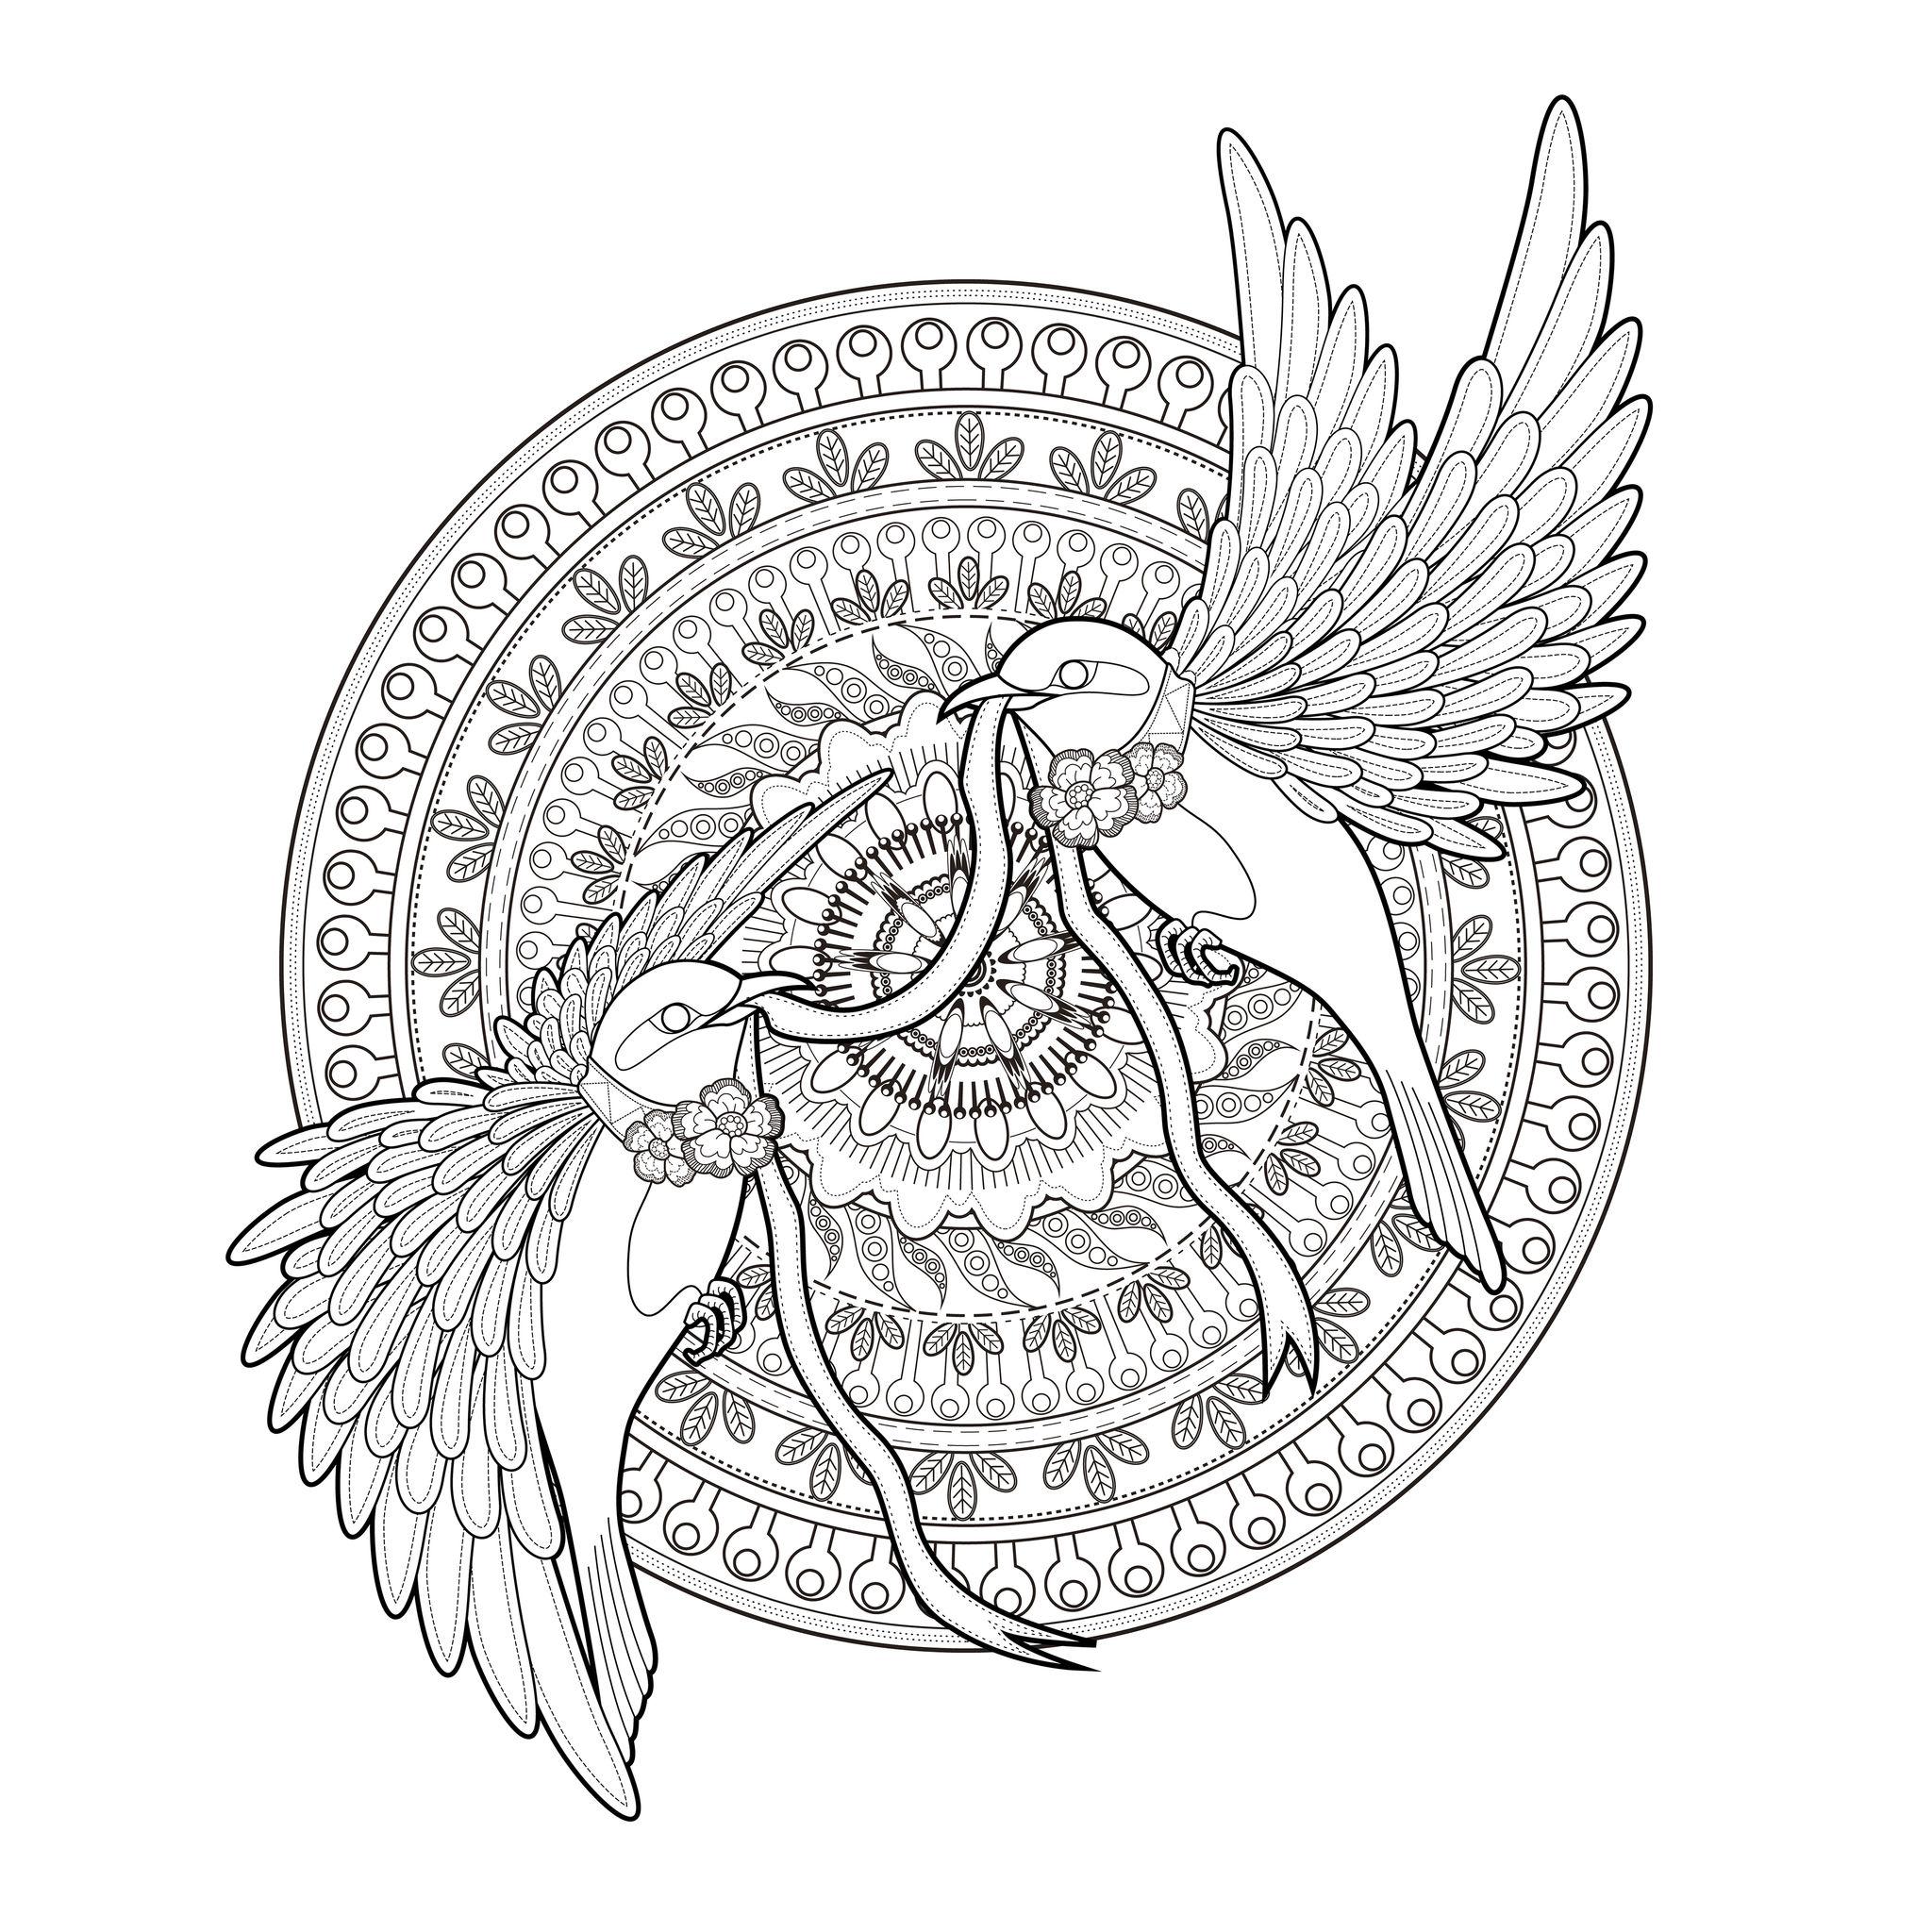 mandala deux hirondelles et un ruban par kchunga partir de la galerie animaux